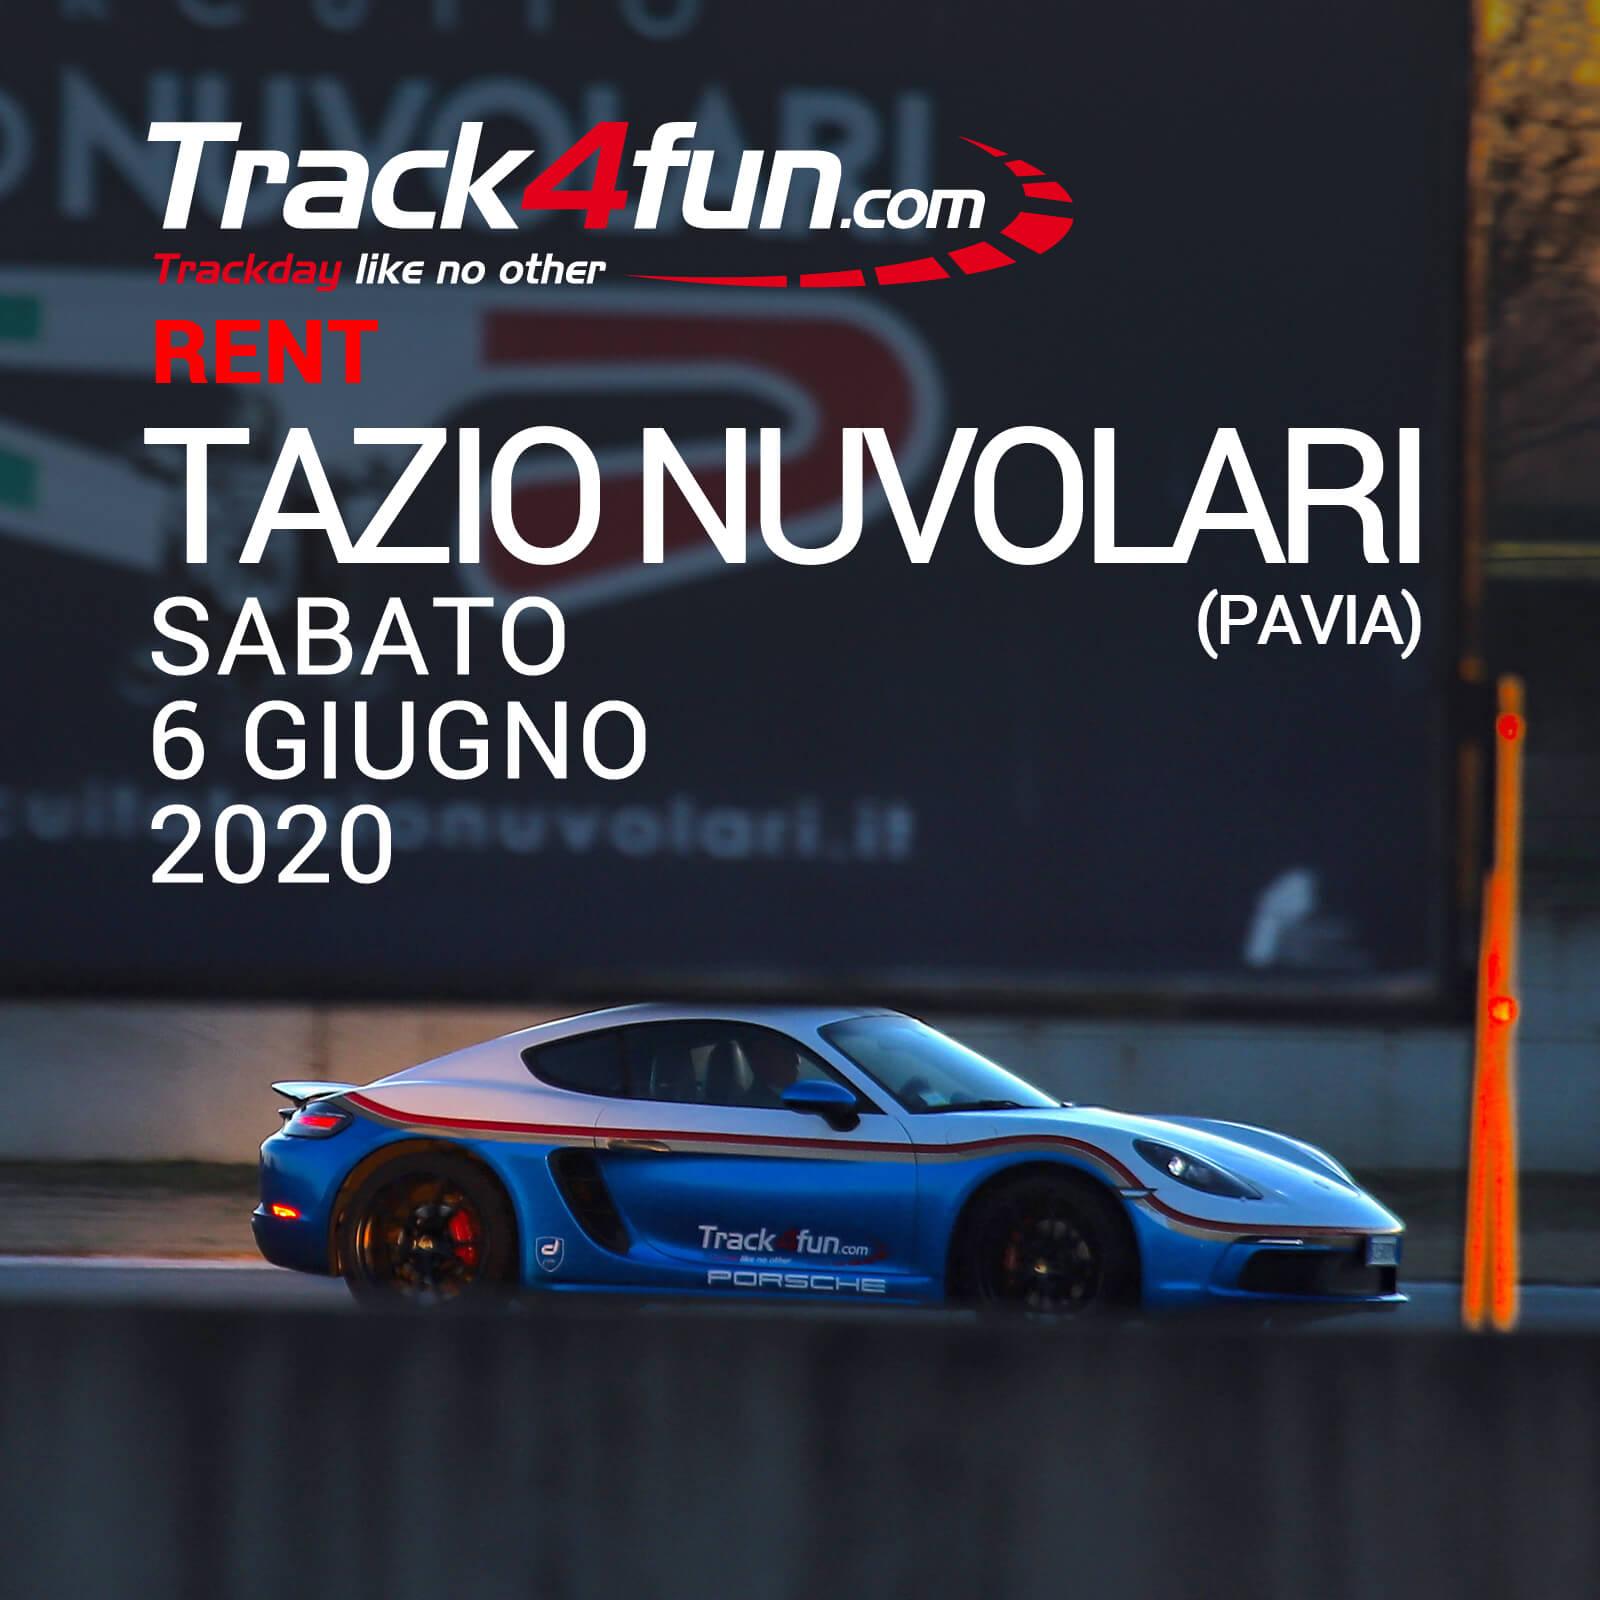 Track4fun Rent Tazio Nuvolari 06-06-2020